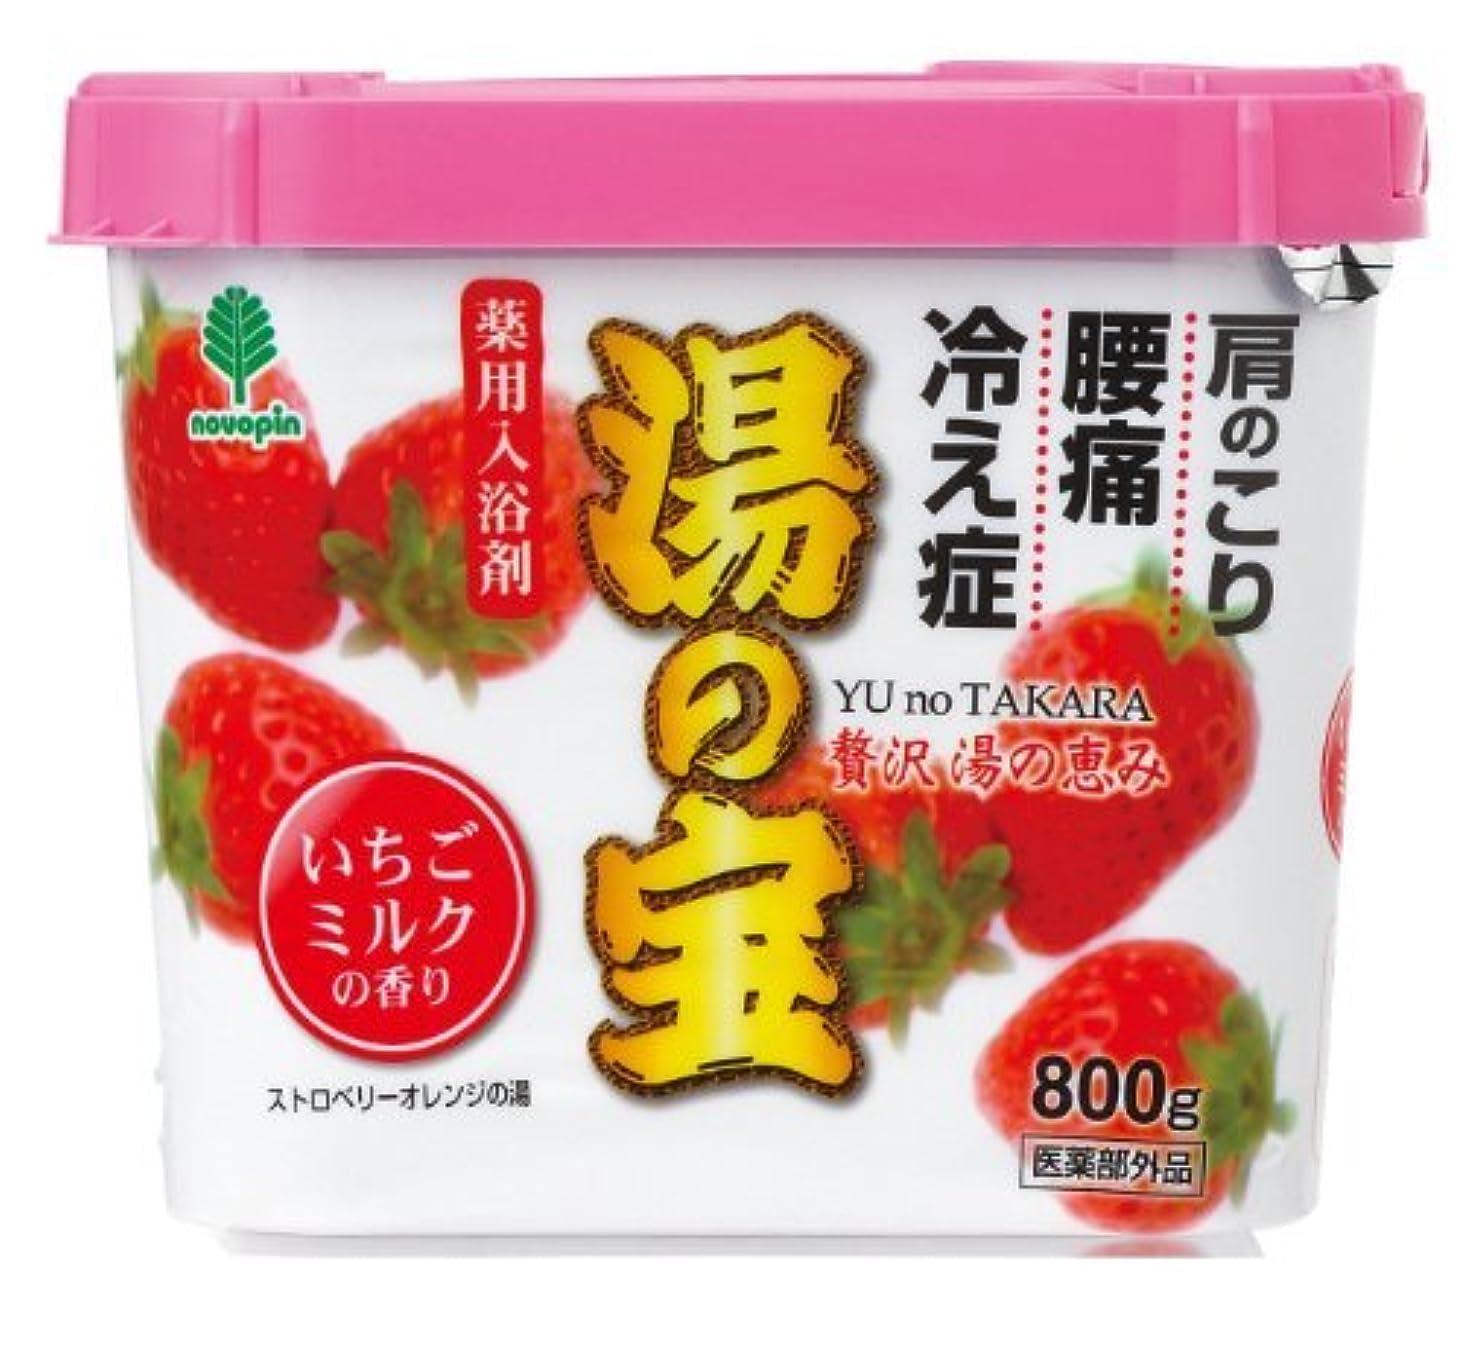 ギャップ表示マージン紀陽除虫菊 湯の宝 いちごミルクの香り 800g【まとめ買い16個セット】 N-0053